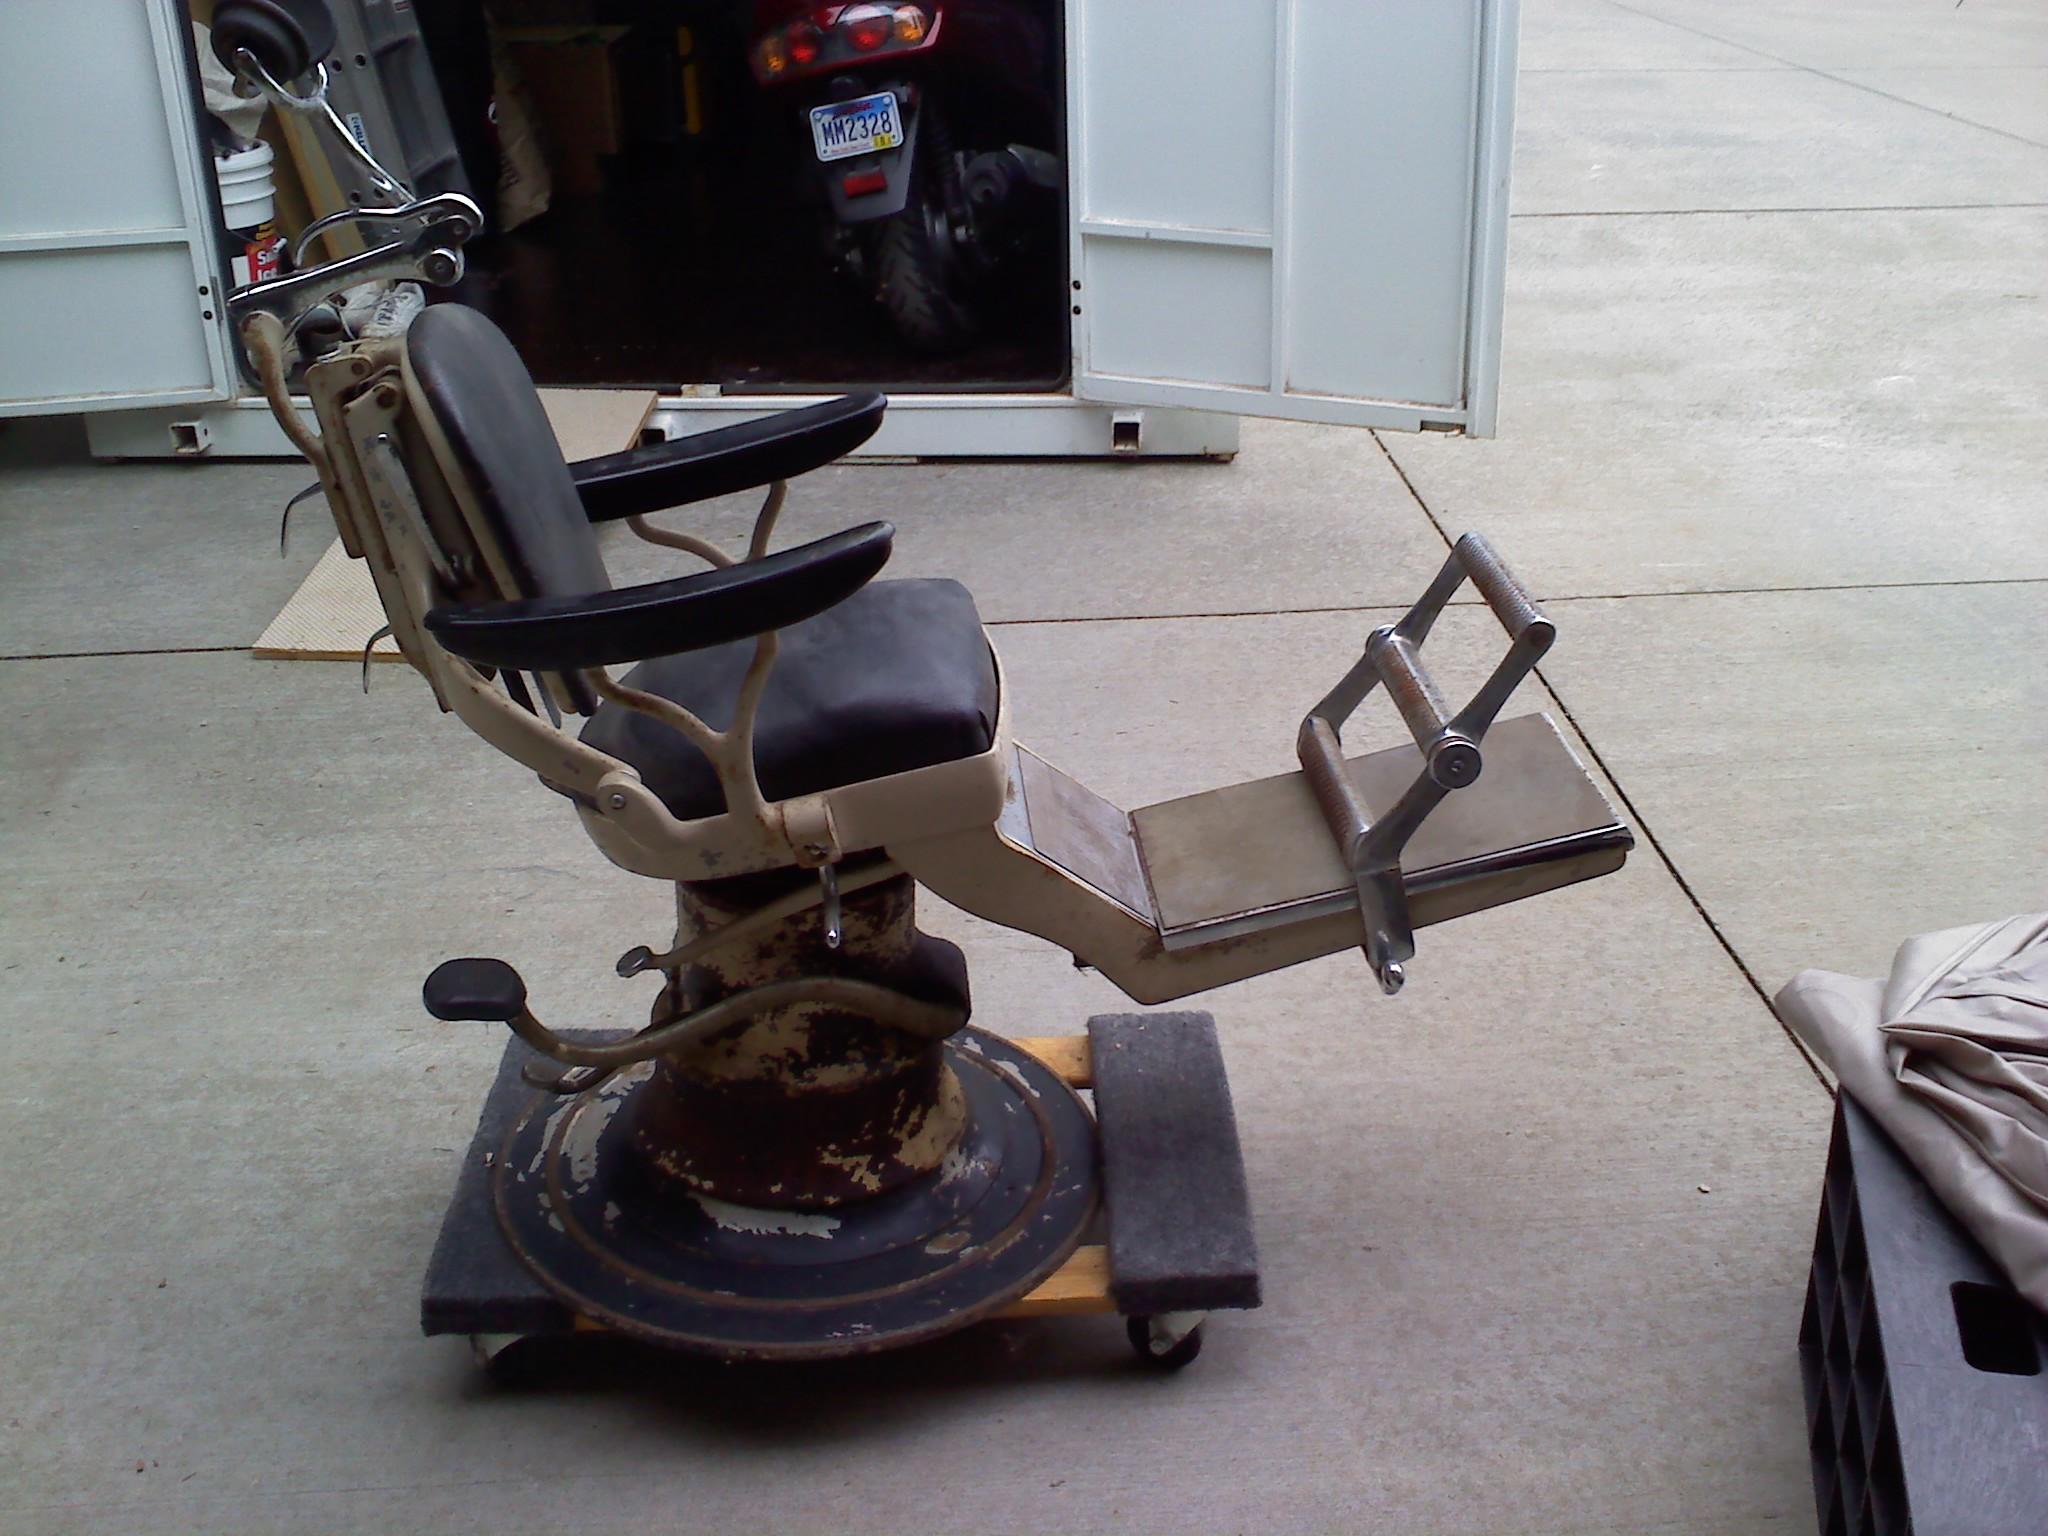 antique dentist chairs evac chair canada dental appraisal instappraisal